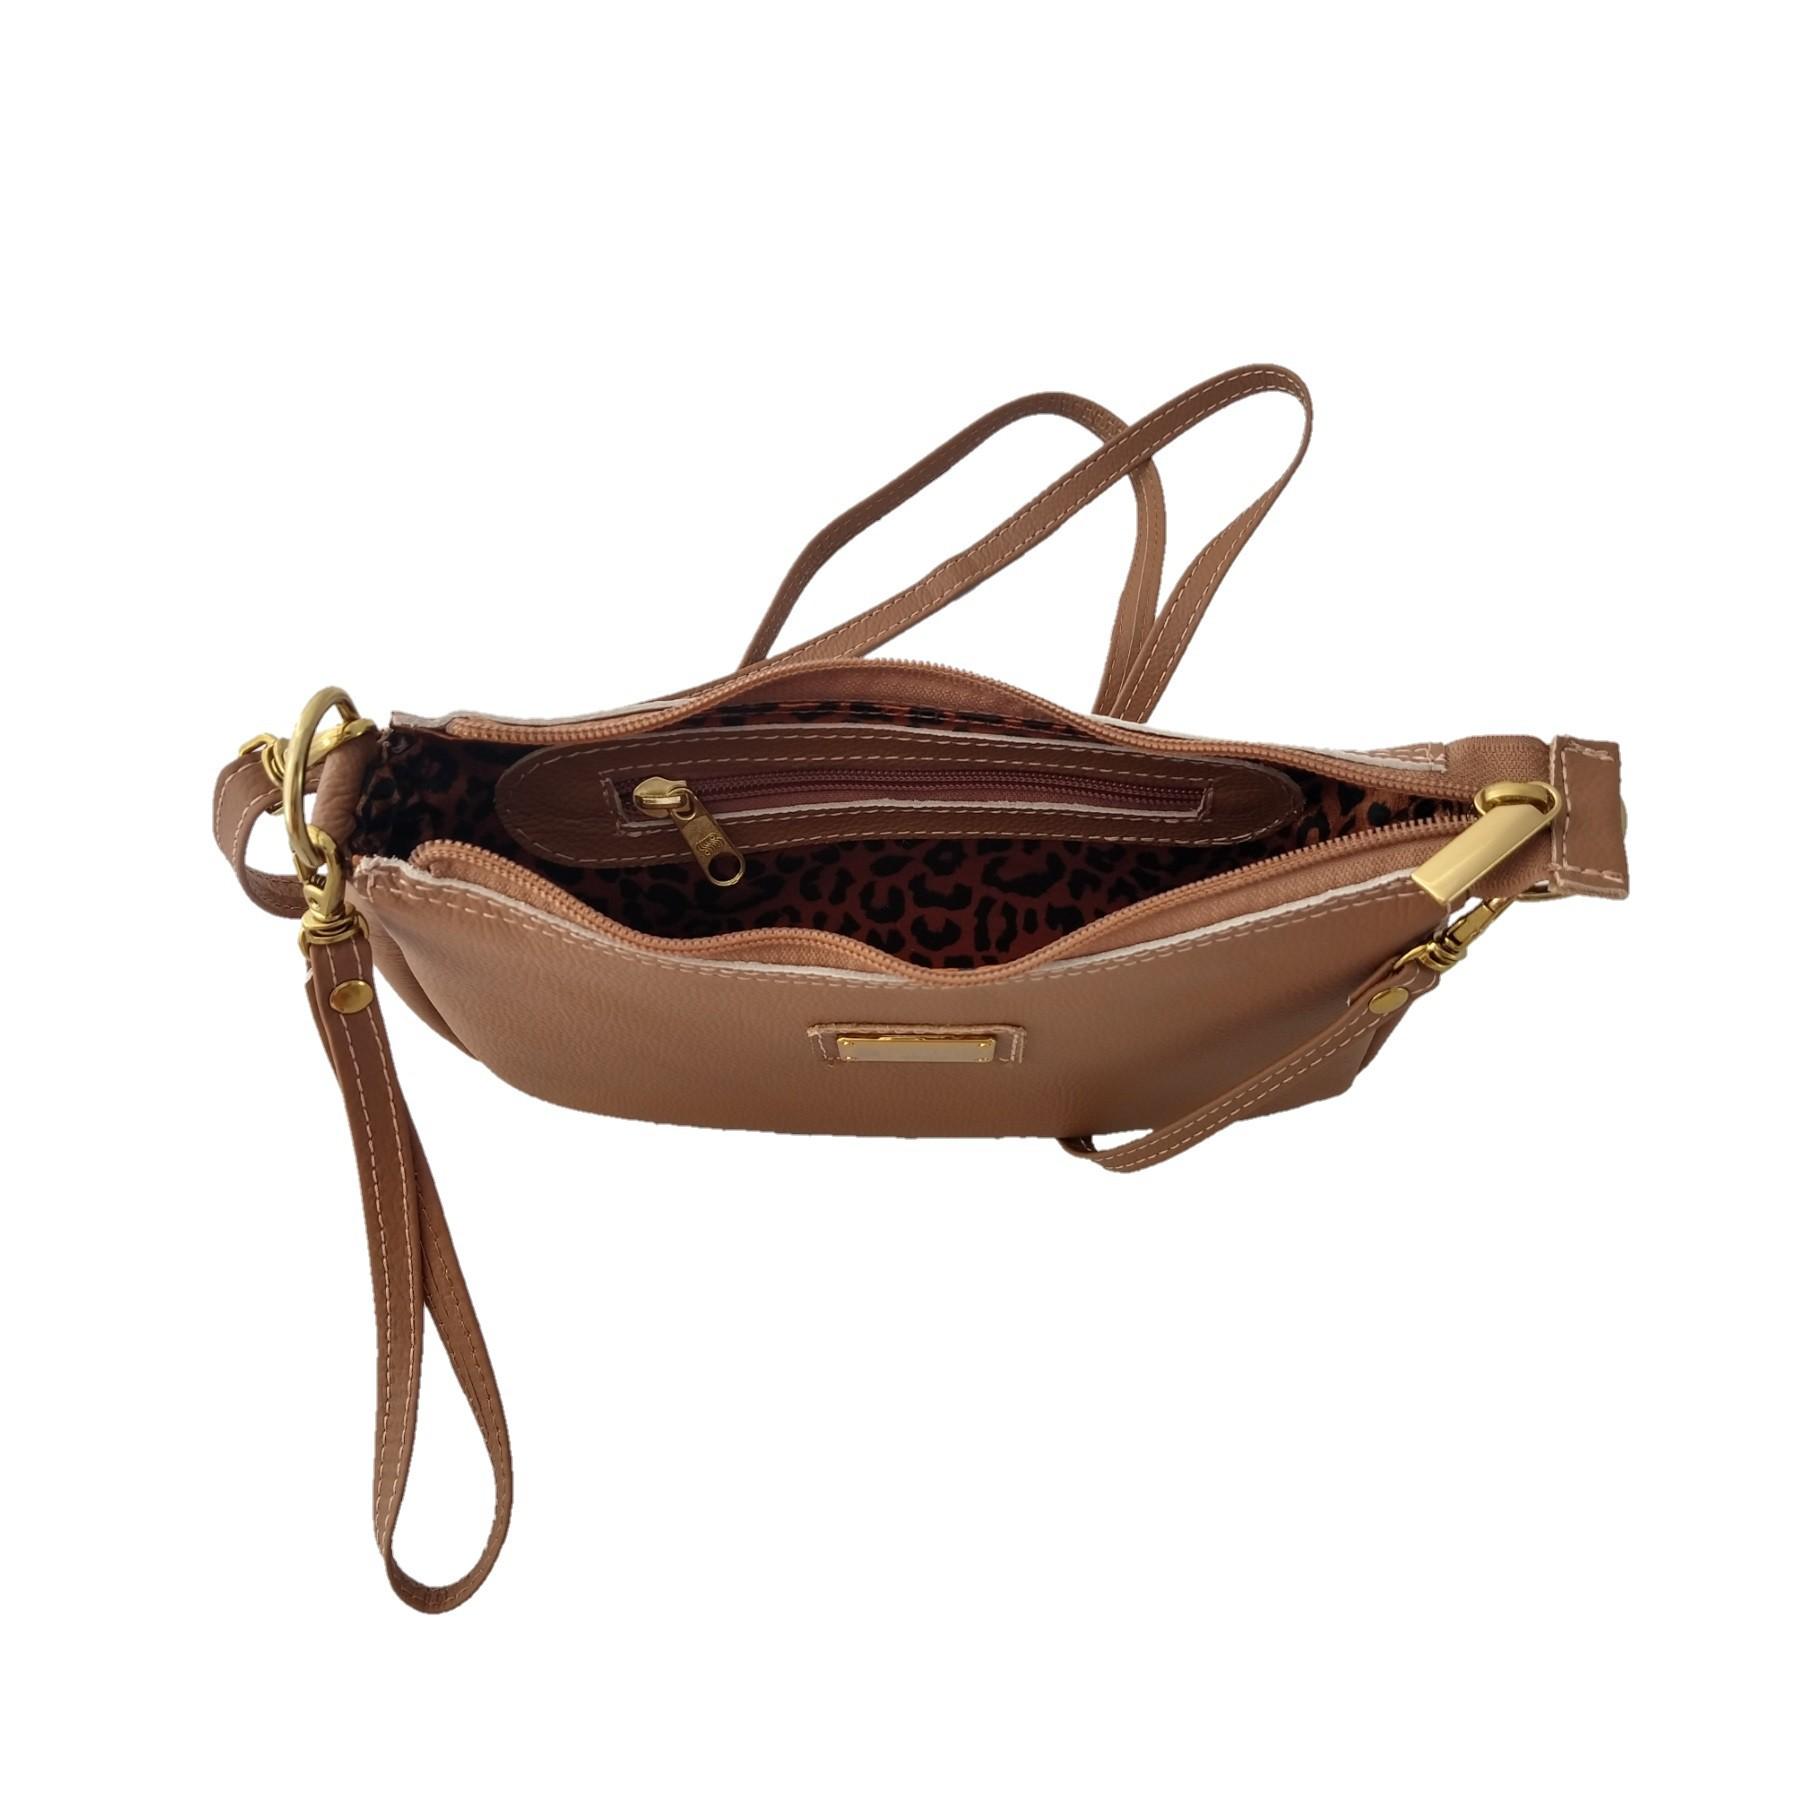 Bolsa Carteira Clutch TopGrife Transversal Couro Caramelo - Promoção  - SAPATOWEB.COM